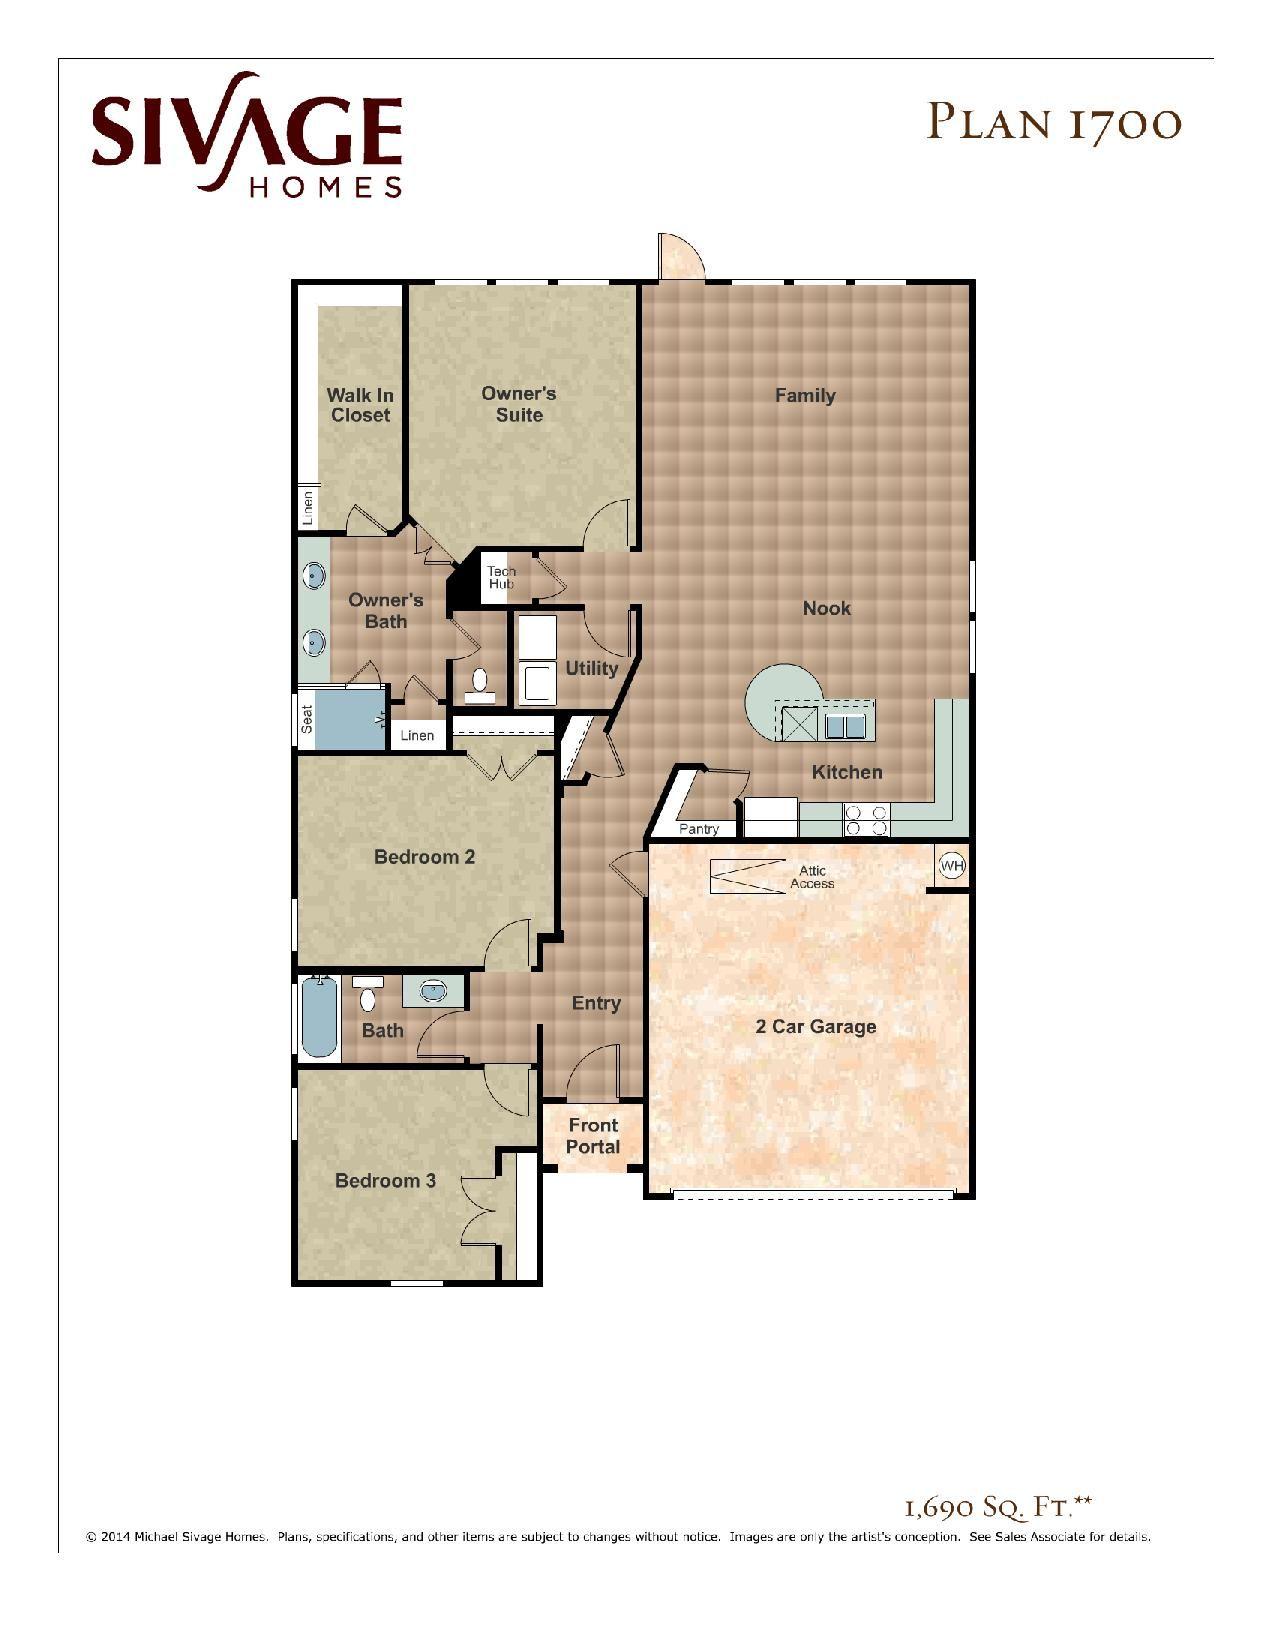 sivage homes 1700 floor plan sivage homes floor plans pinterest